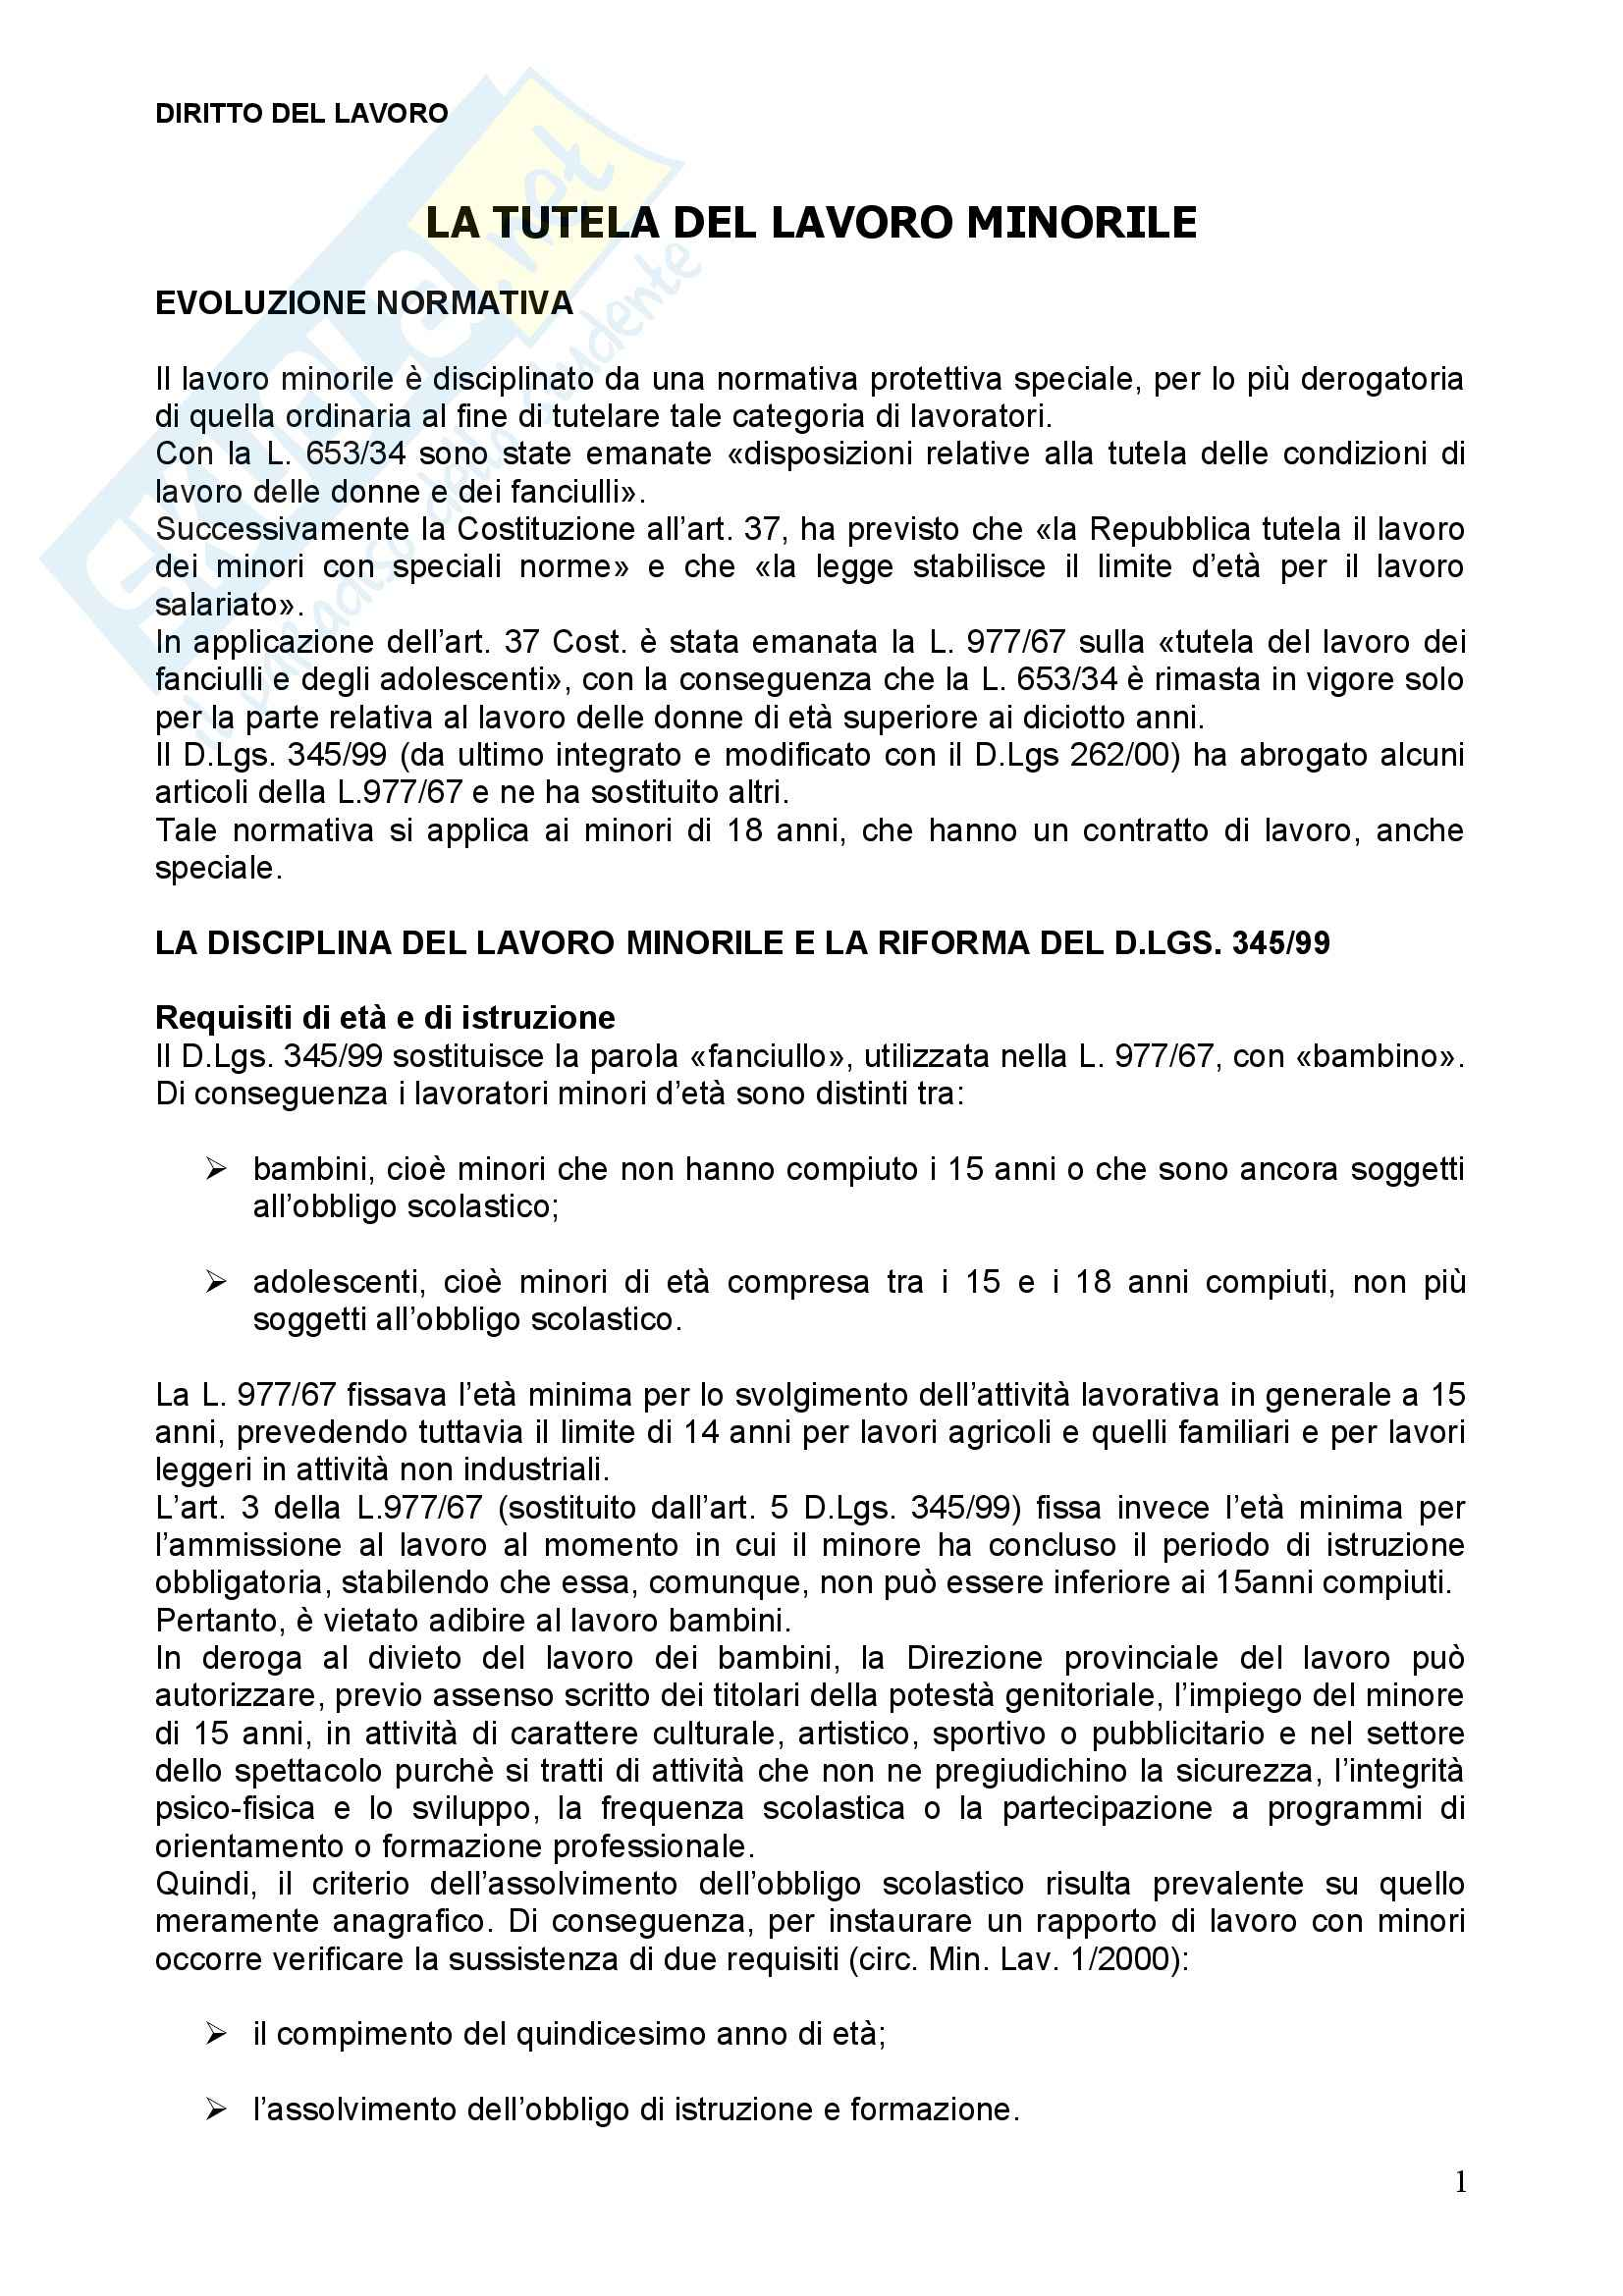 Diritto del lavoro - tutela del lavoro minorile